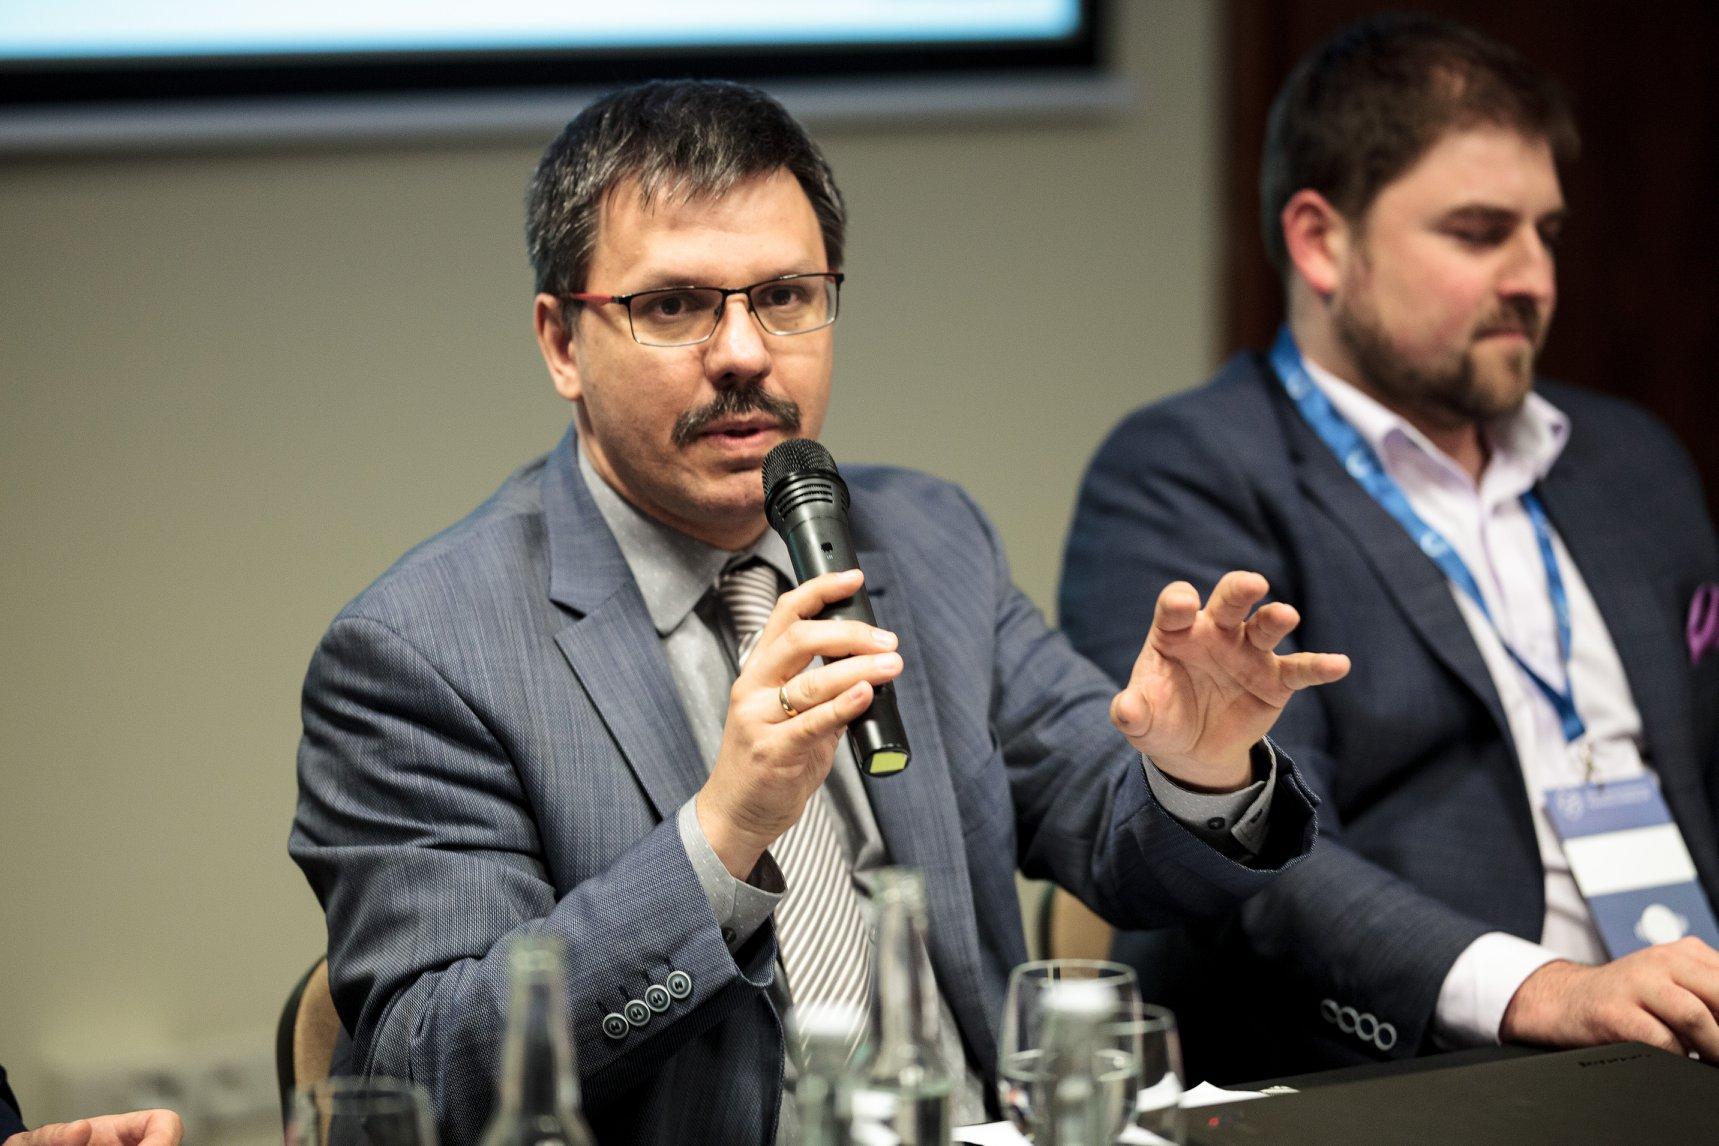 Wiceprezes WIB - Waldemar Zbytek na Konferencji PSRP